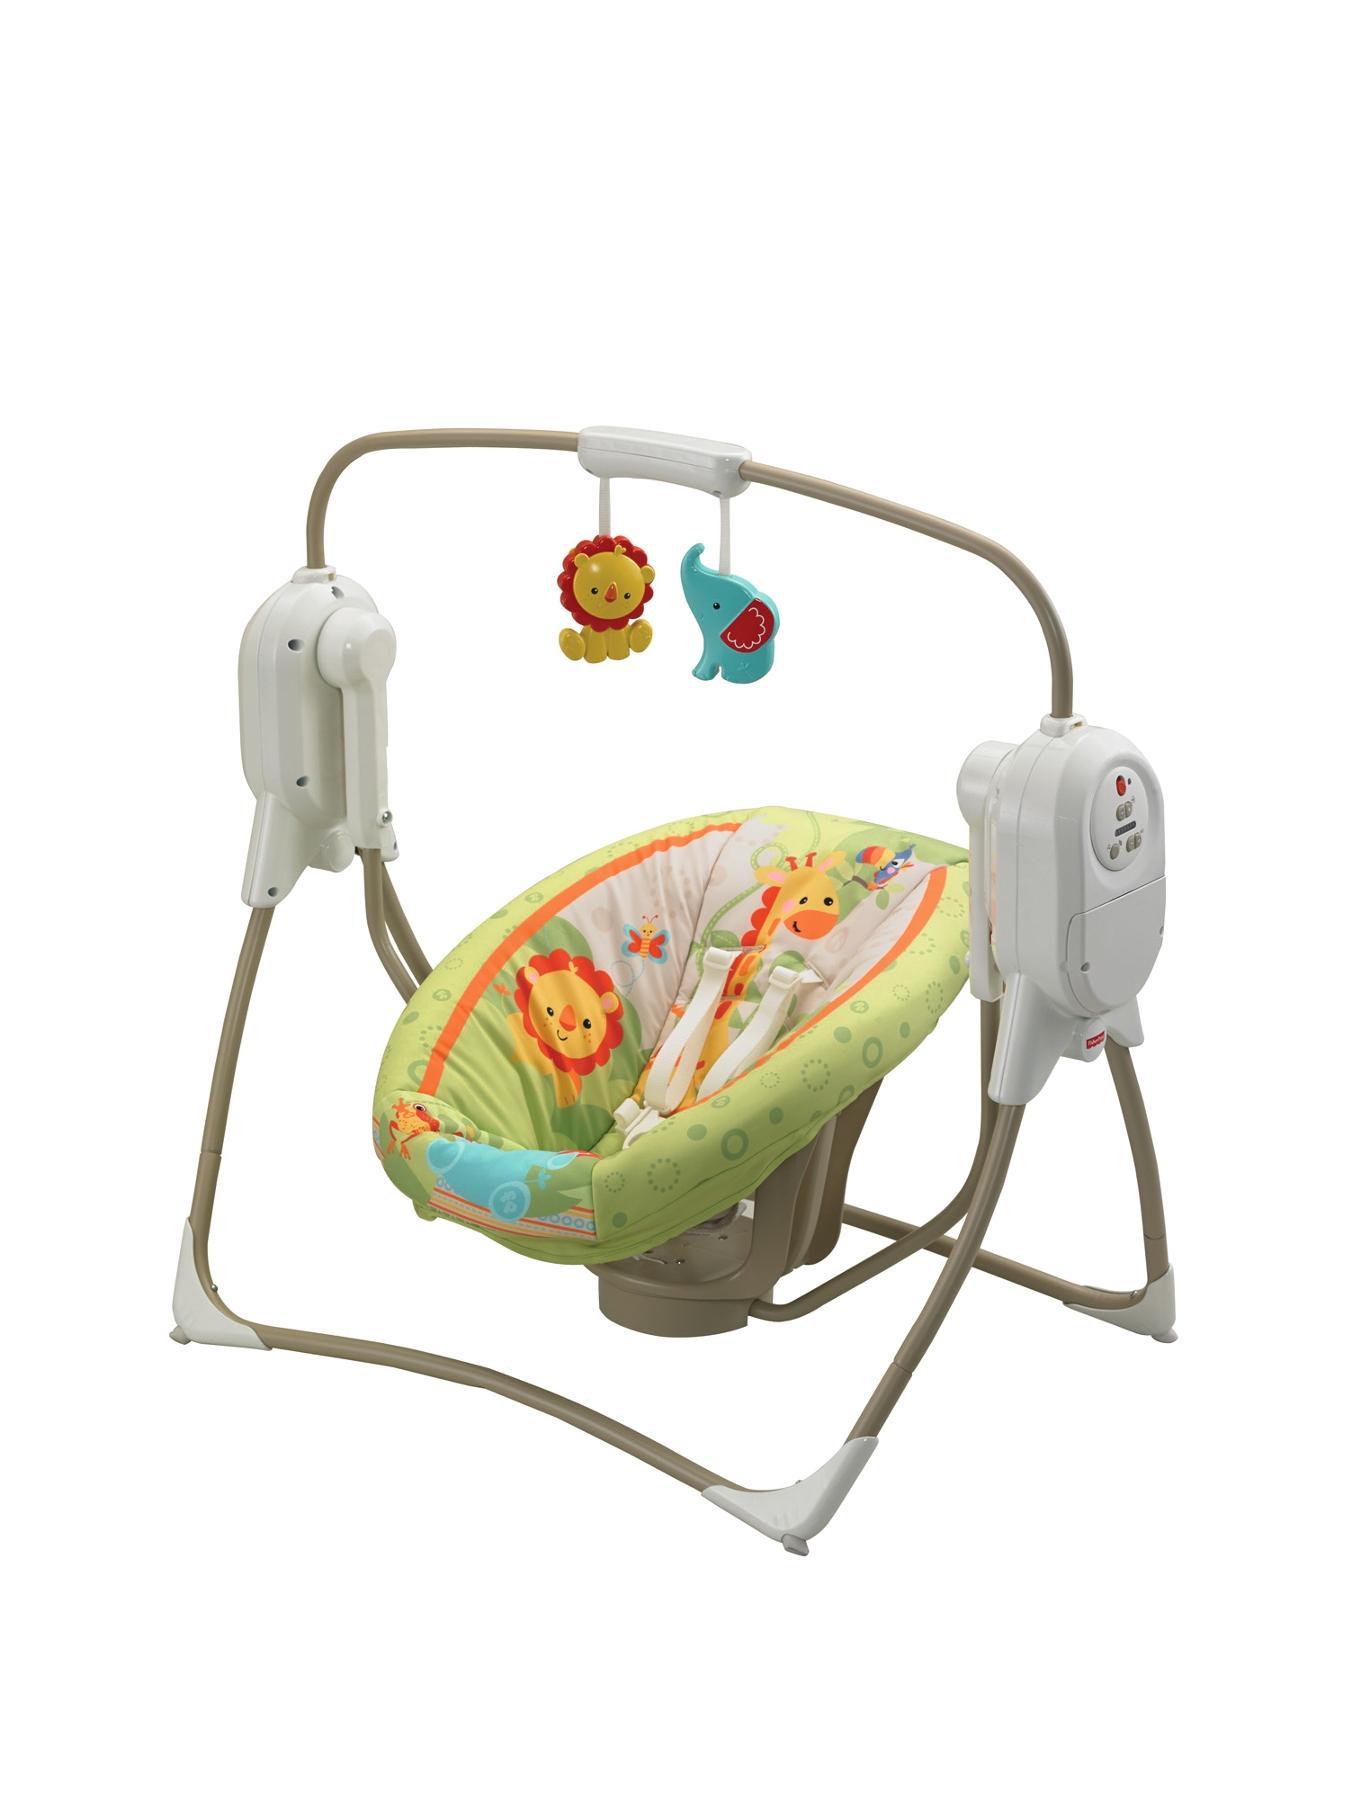 Rainforest Friends SpaceSaver Cradle 'n Swing